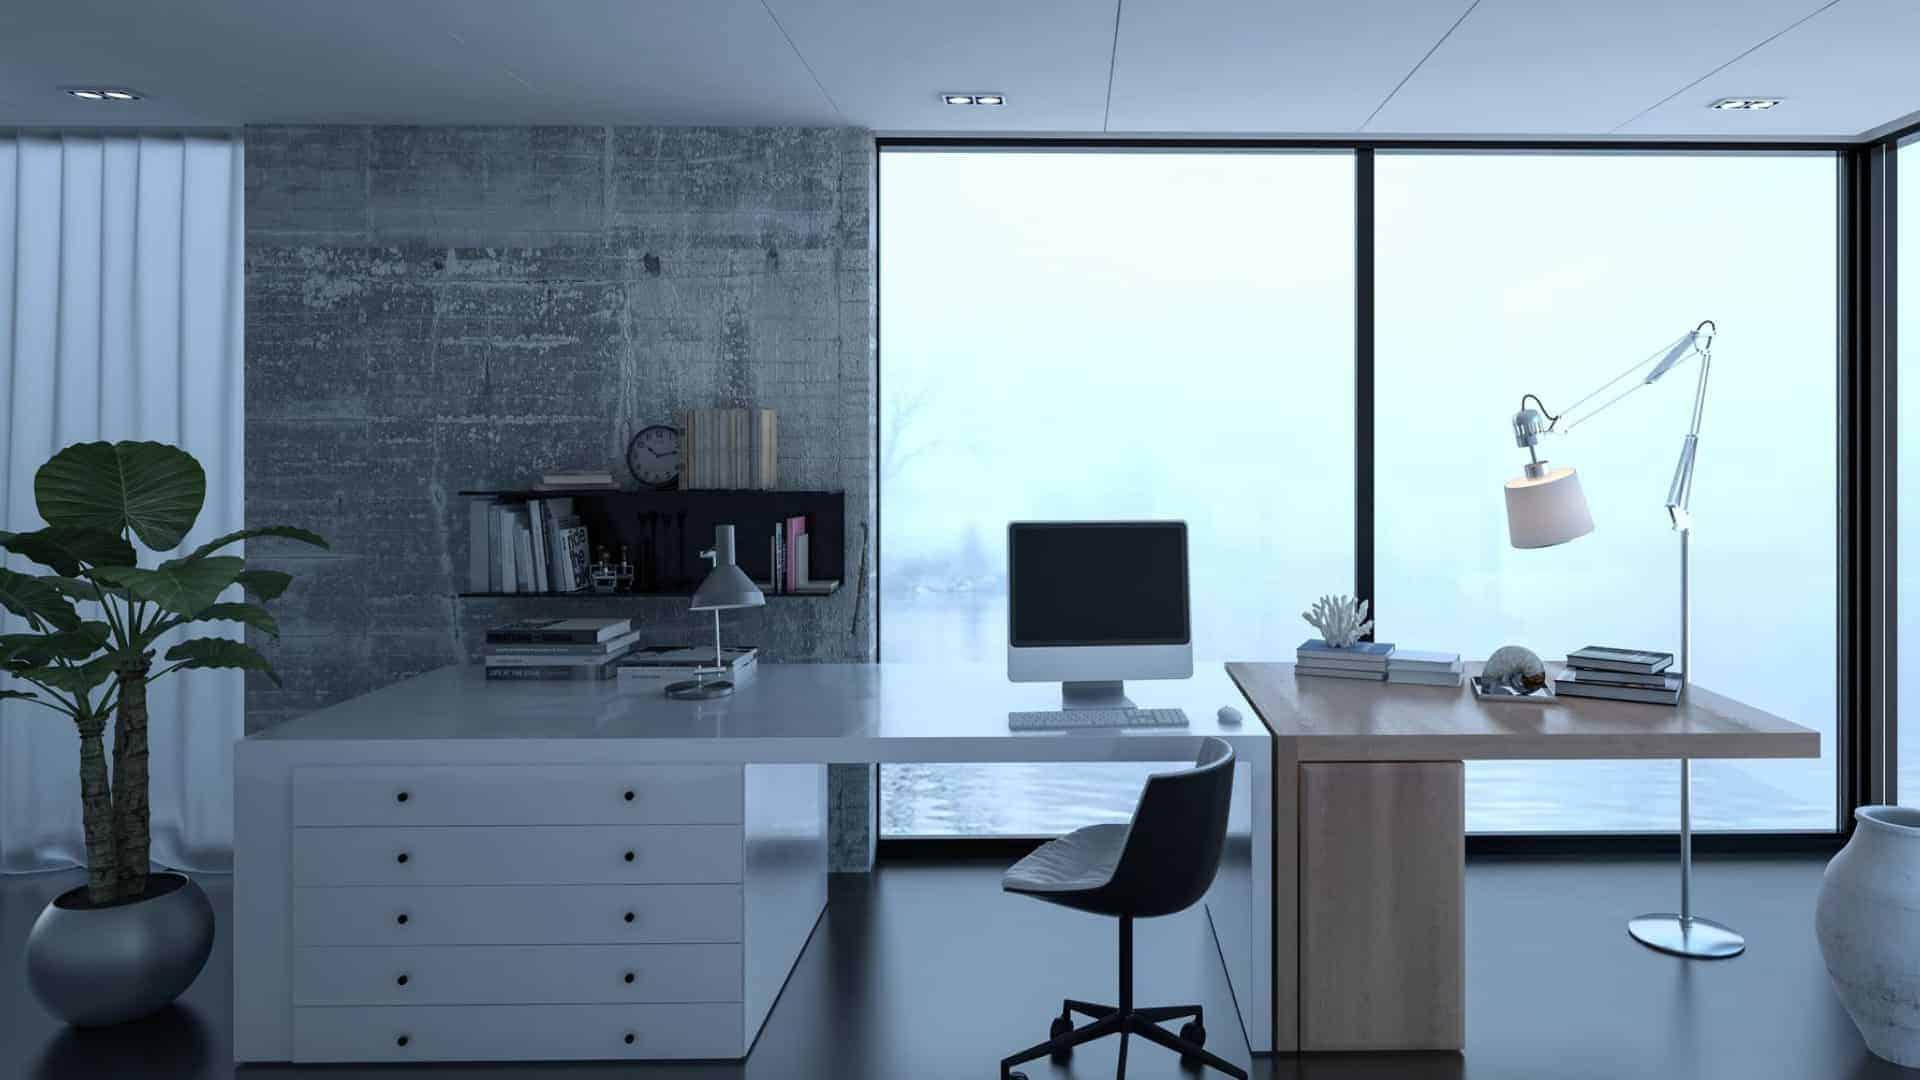 interior designer work-office